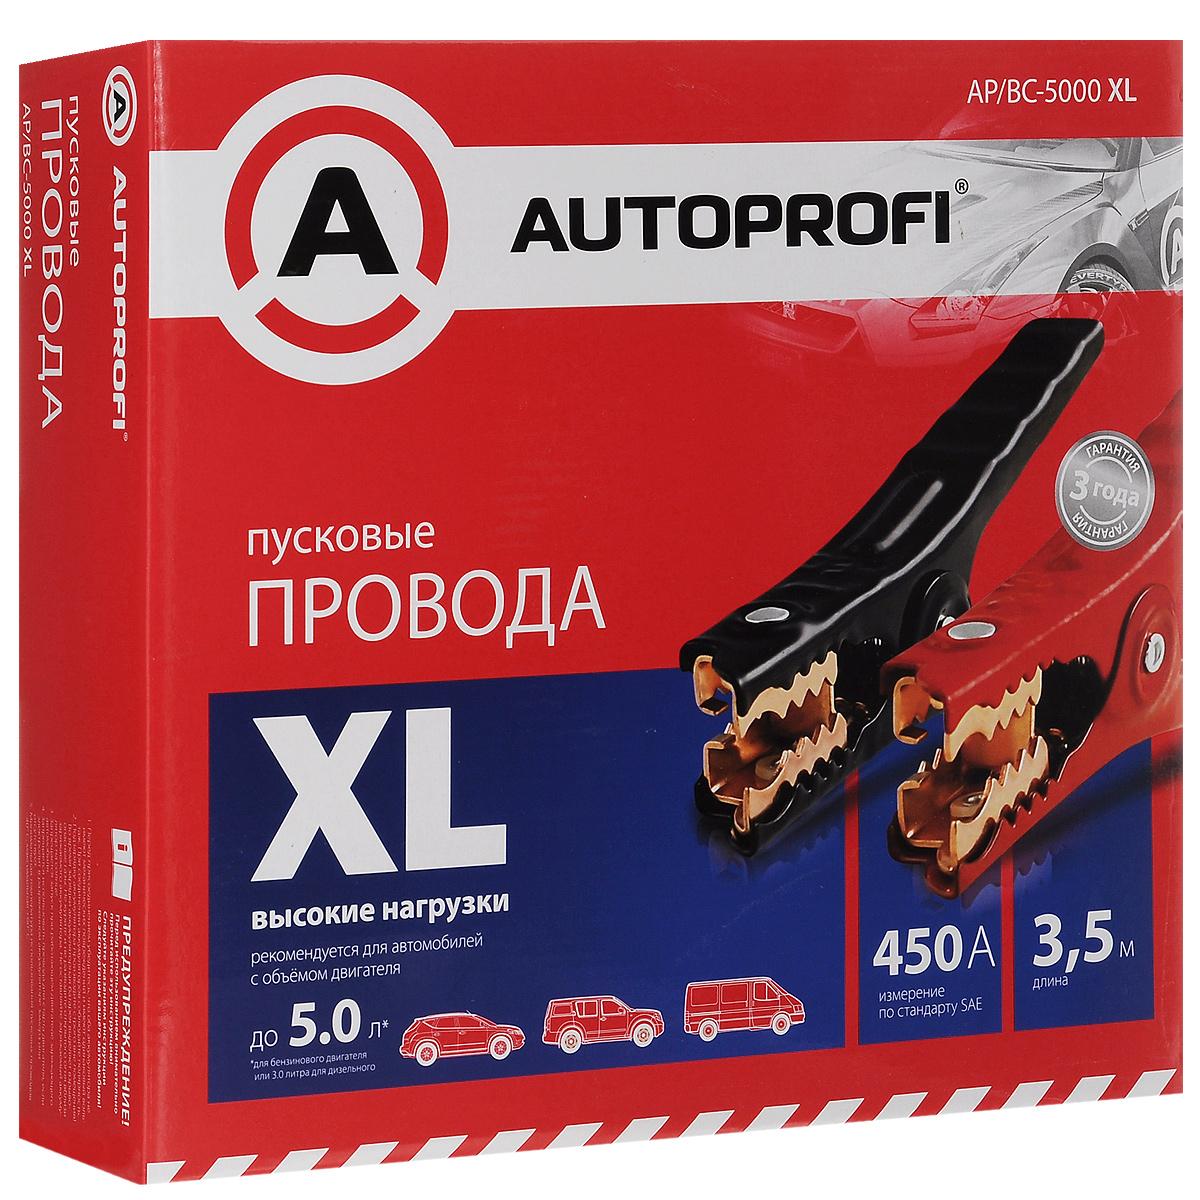 Провода пусковые Autoprofi XL, высокие нагрузки, 21,15 мм2, 450 A, 3,5 м61/62/2Пусковые провода Autoprofi XL сделаны по американскому стандарту SAE J1494. Это значит, что падение напряжение ни при каких условиях не превышает 2,5 В. Ручки пусковых проводов не нагреваютсядо уровня, способного навредить человеку. Технологически это достигается использованием проводов из толстой алюминиевой жилы с медным напылением, а также надежной термопластовой изоляцией.Данные провода рекомендованы для автомобилей с бензиновым двигателем, объемом до 5 л. или с дизельным двигателем, объемом до 3 л.Сумка для переноски и хранения в комплекте.Ток нагрузки: 450 А.Длина провода: 3,5 м.Сечение проводника: 21,15 мм2.Диапазон рабочих температур: от -40°С до +60°С.